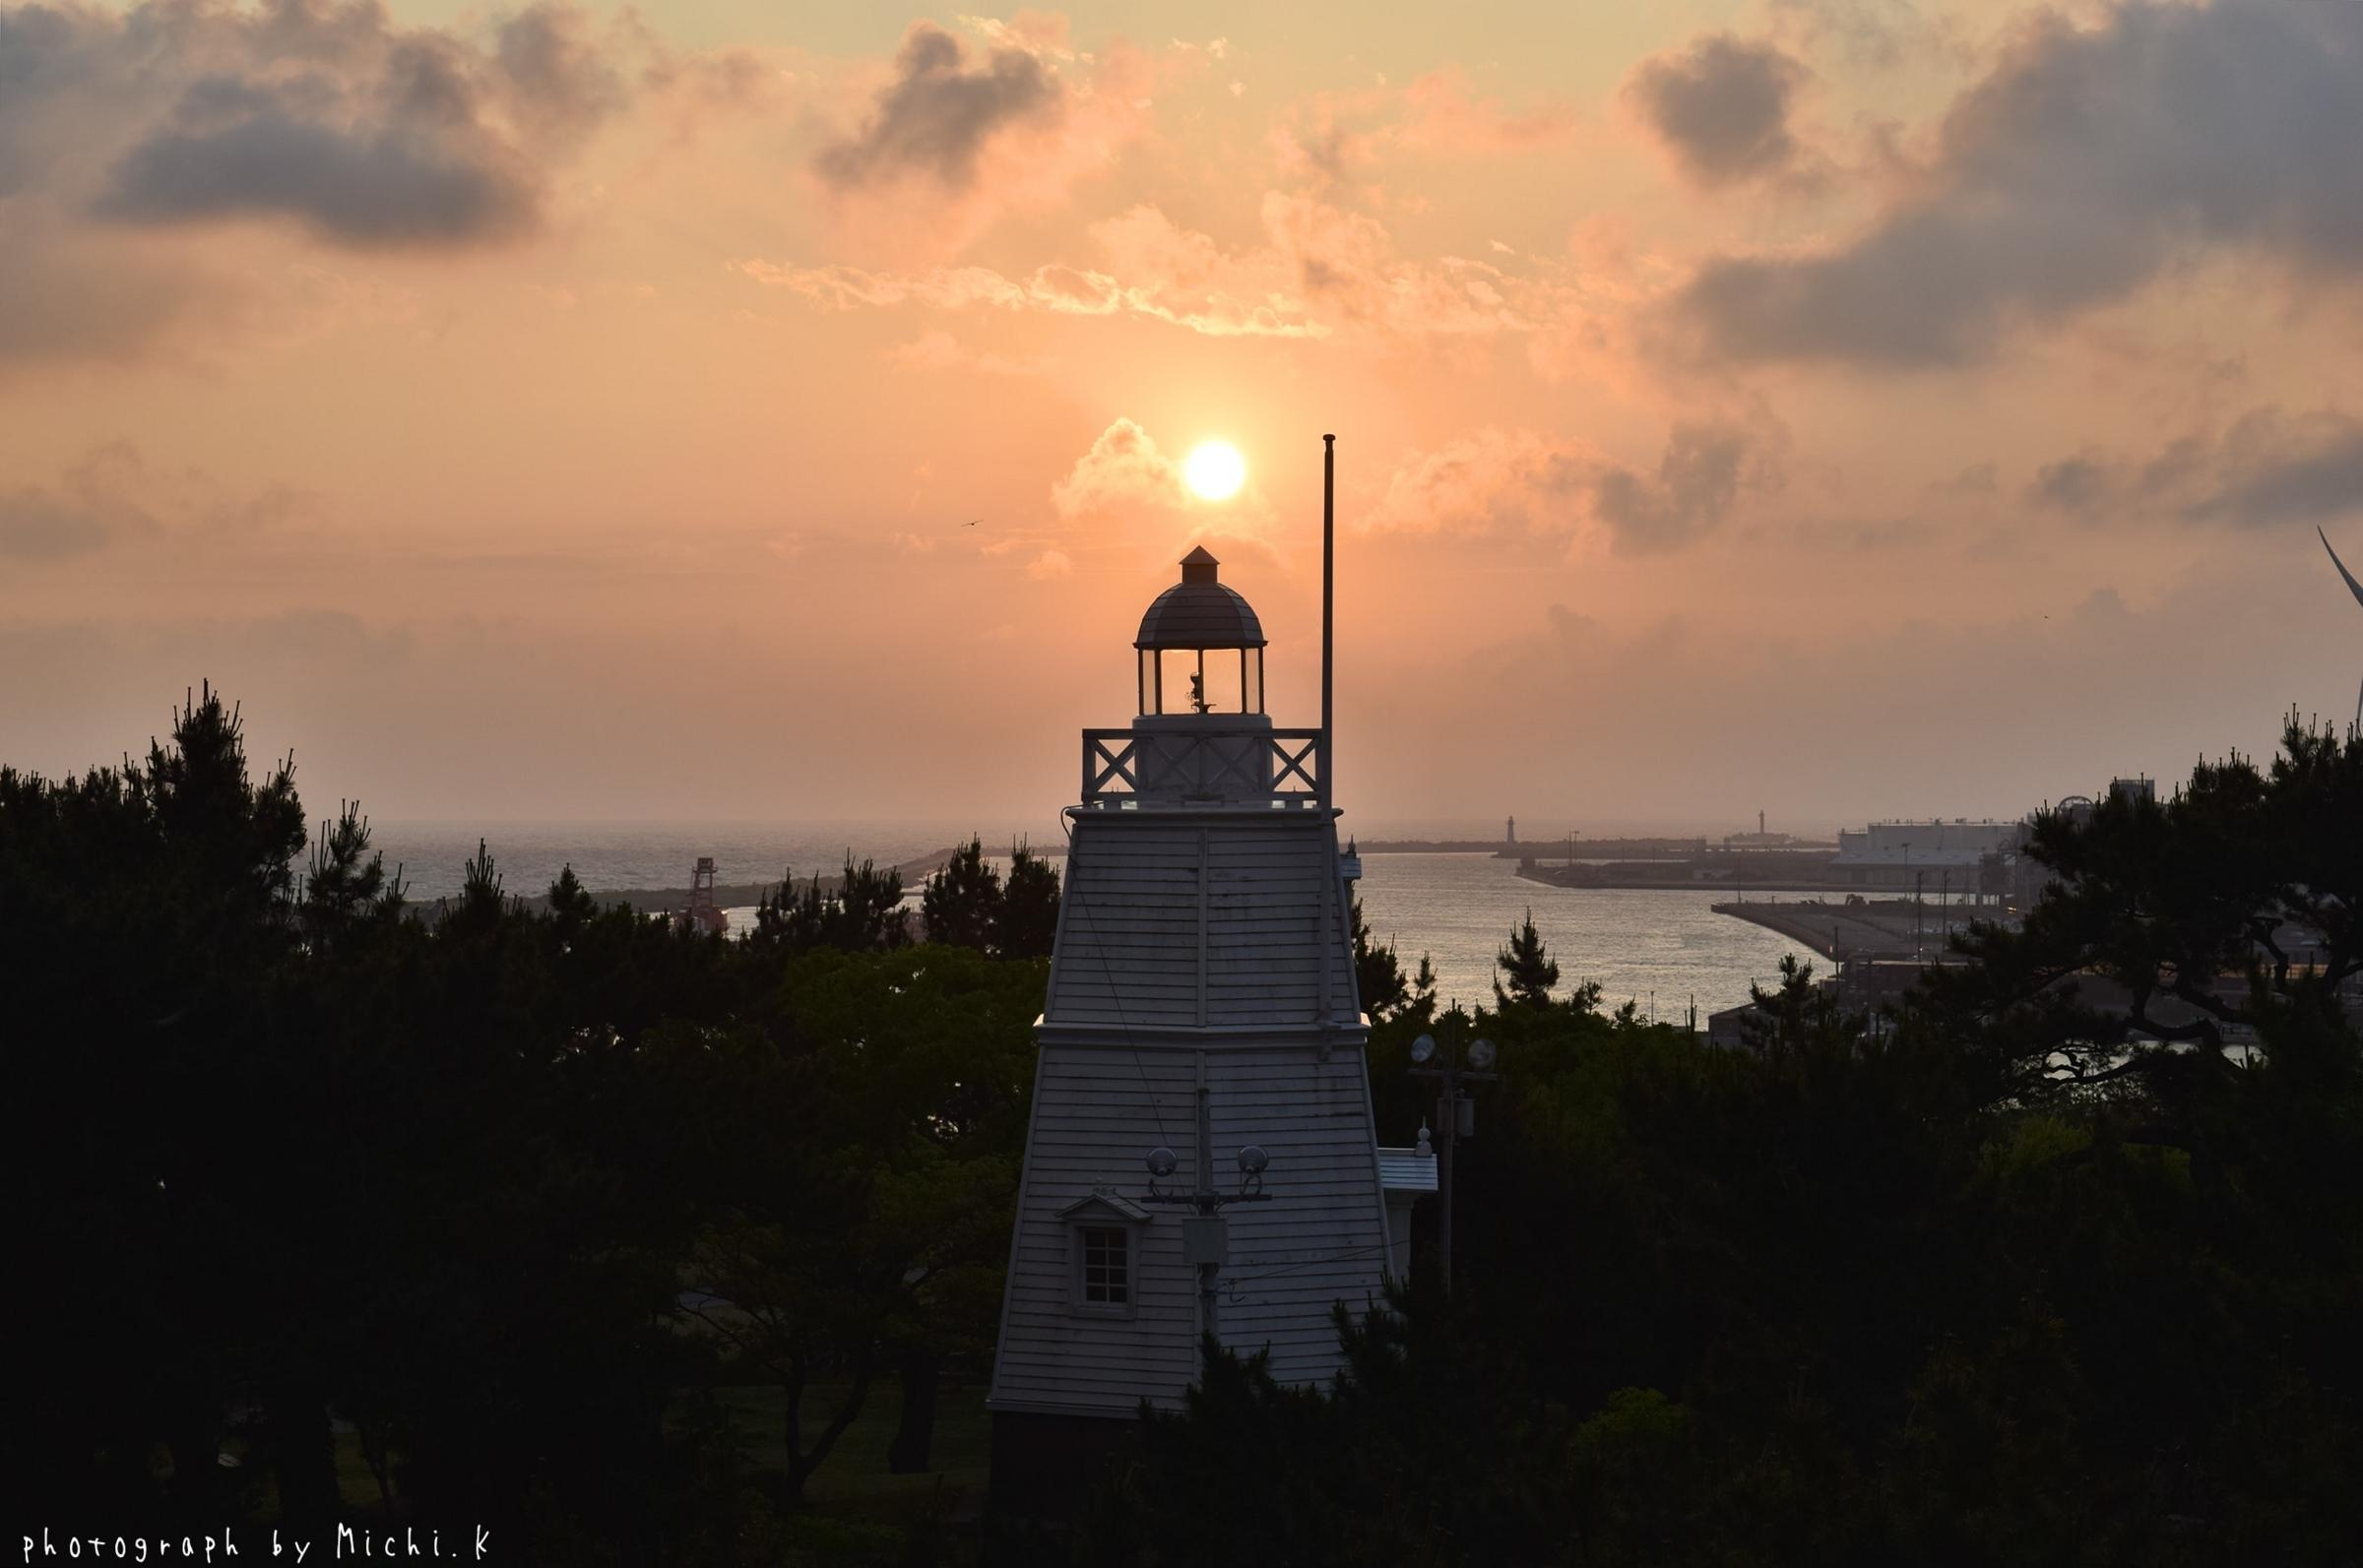 2018年夏至の日の日和山六角灯台(その2)